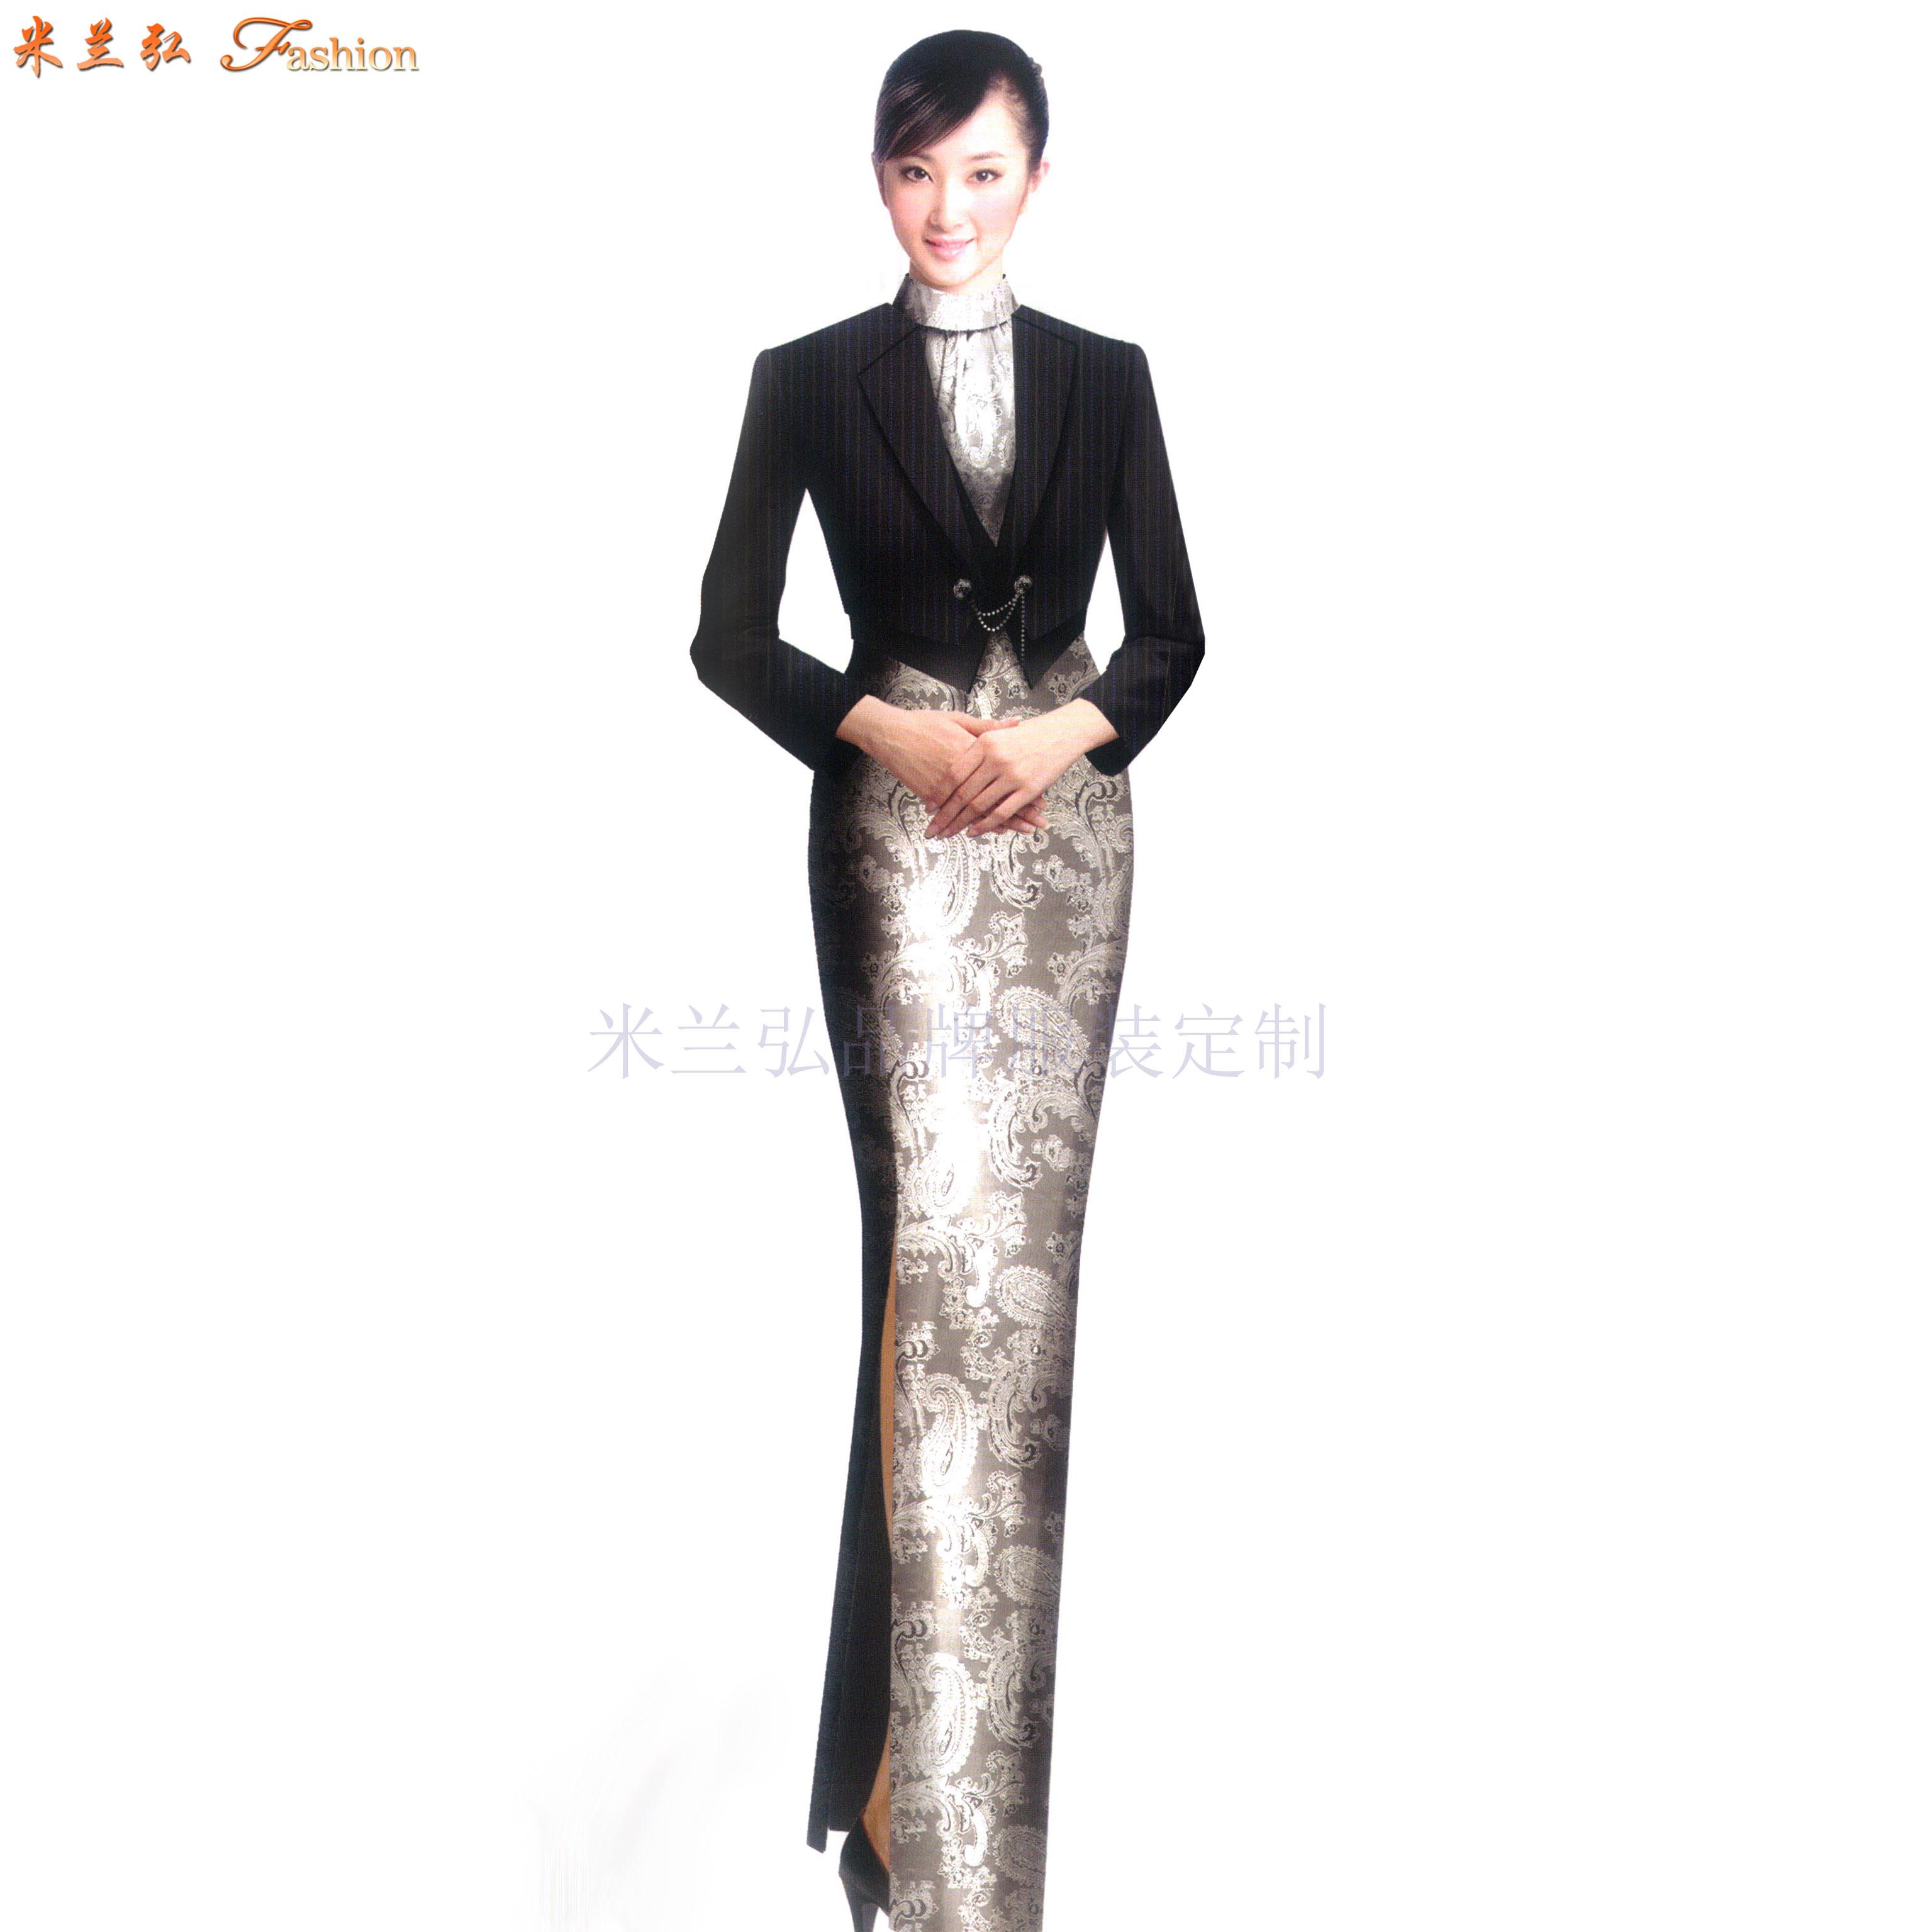 「禮儀旗袍定制款式」「禮儀旗袍訂做圖片」-米蘭弘品牌服裝-2